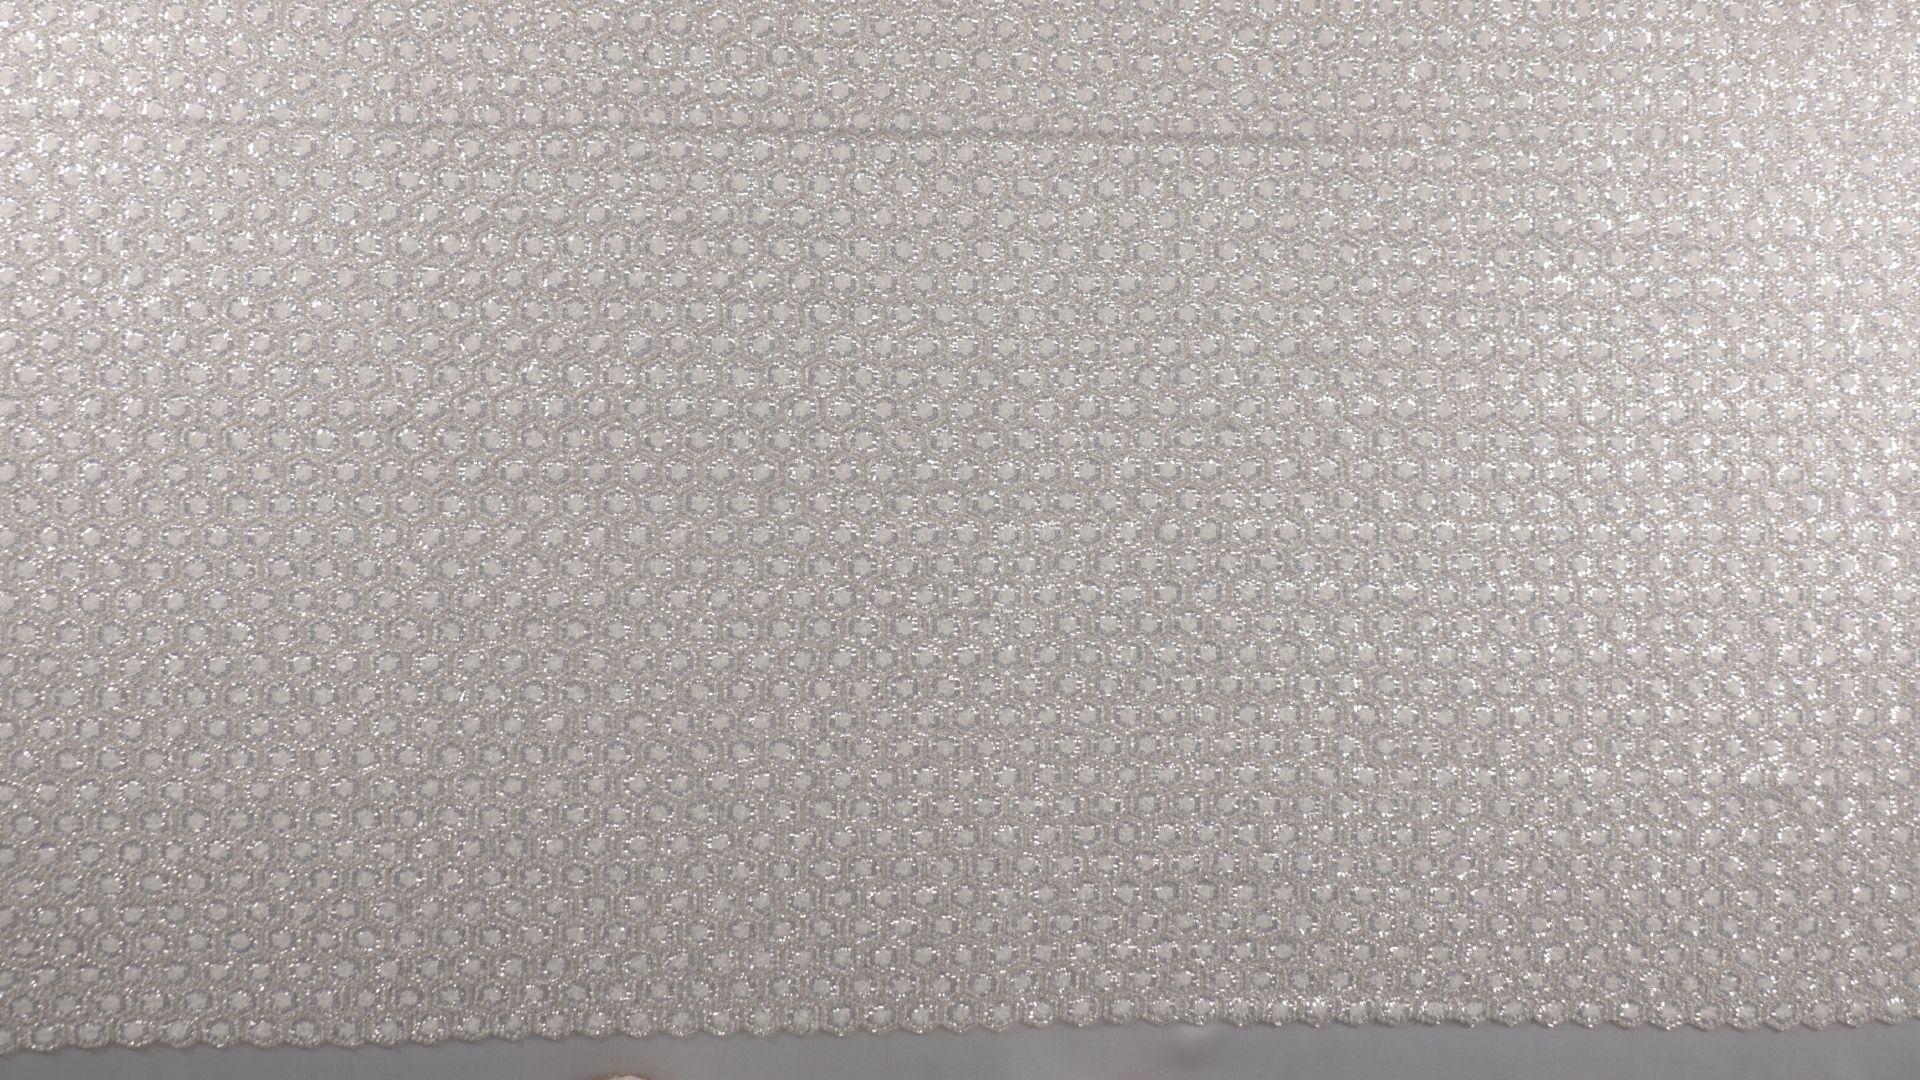 il particolare del tessuto lv111954, appartenente alla categoria ricami con accessori, di Leadford & Logan